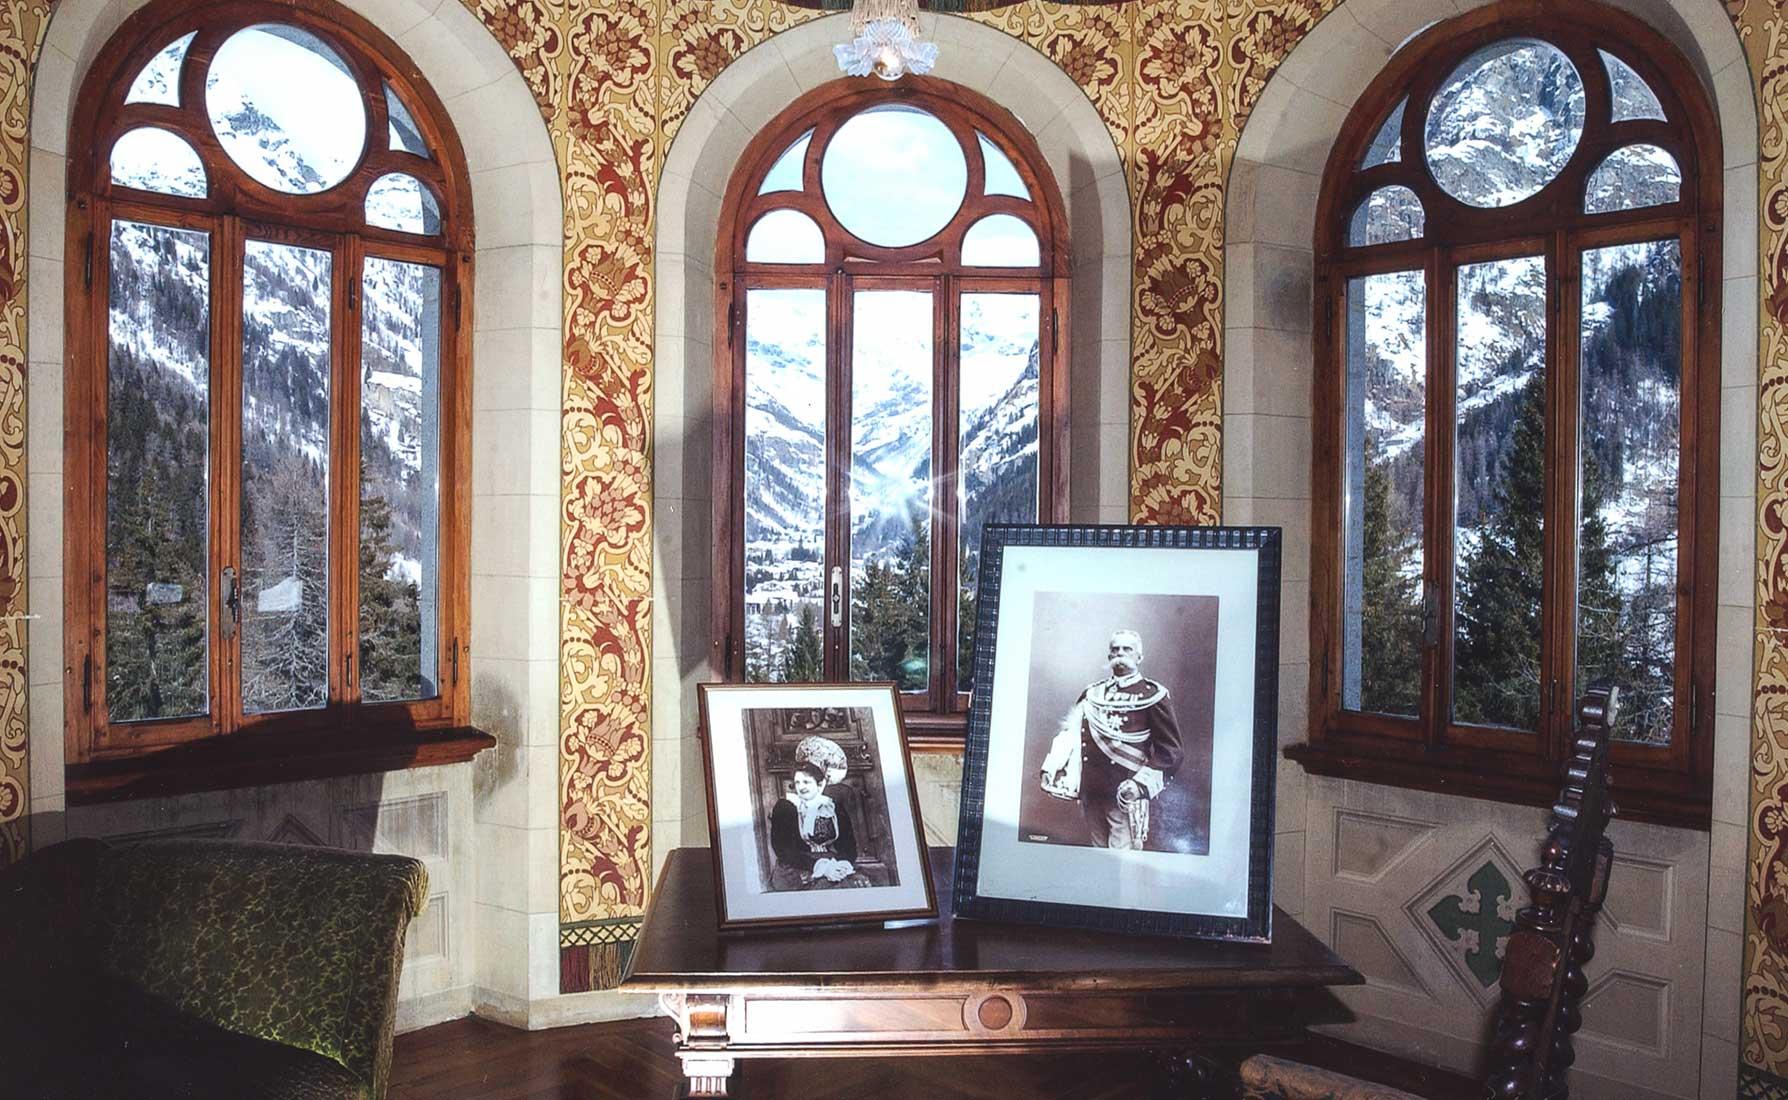 © Vendeveille V. - Archivio Fotografico Soprintendenza per i beni e le attività culturali Regione Autonoma Valle d'Aosta